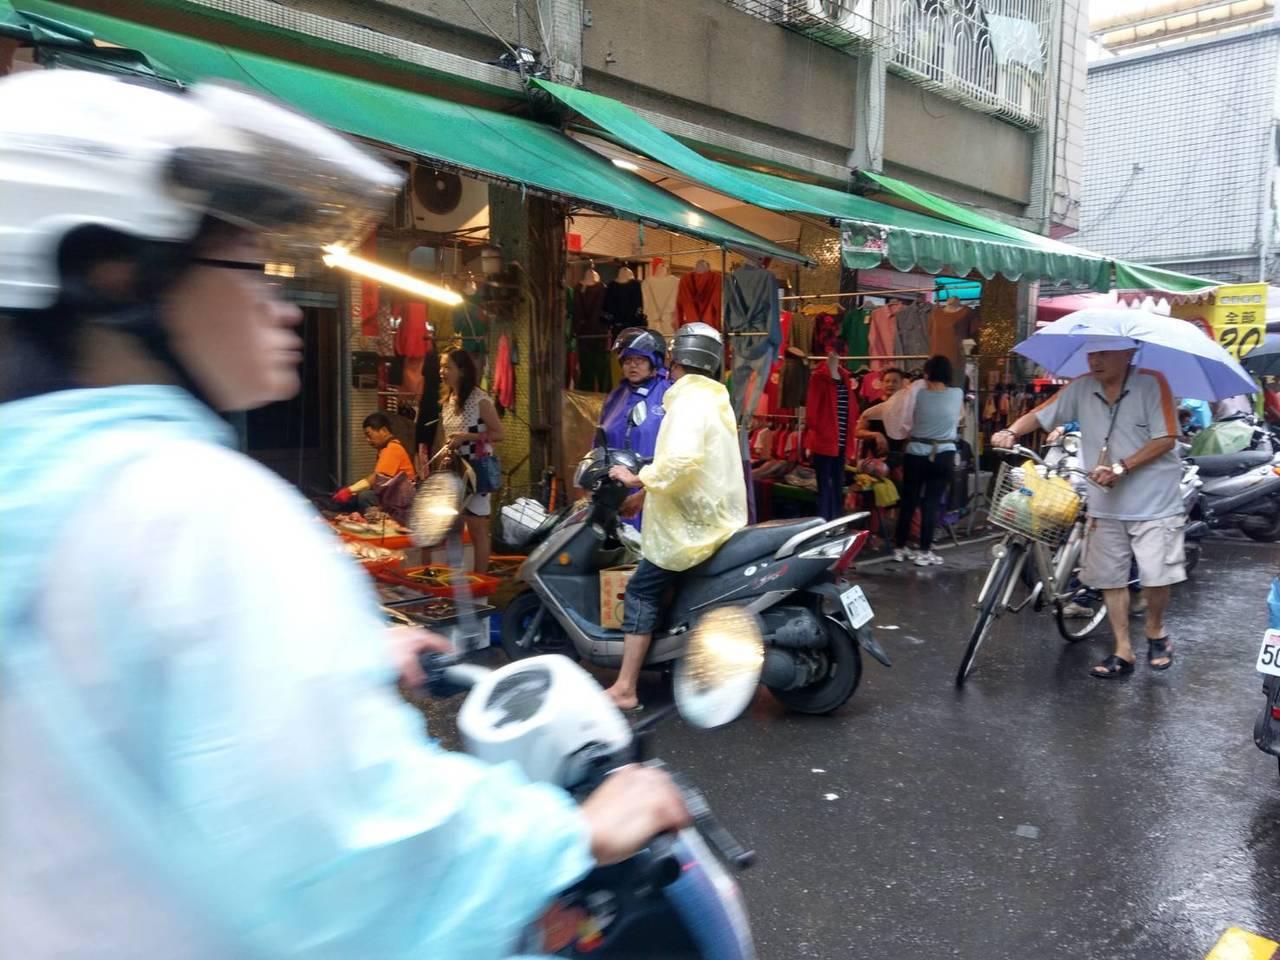 許多民眾擔心颱風過後菜價更高,今天上午紛紛冒雨到傳統市場買菜。記者謝梅芬/攝影